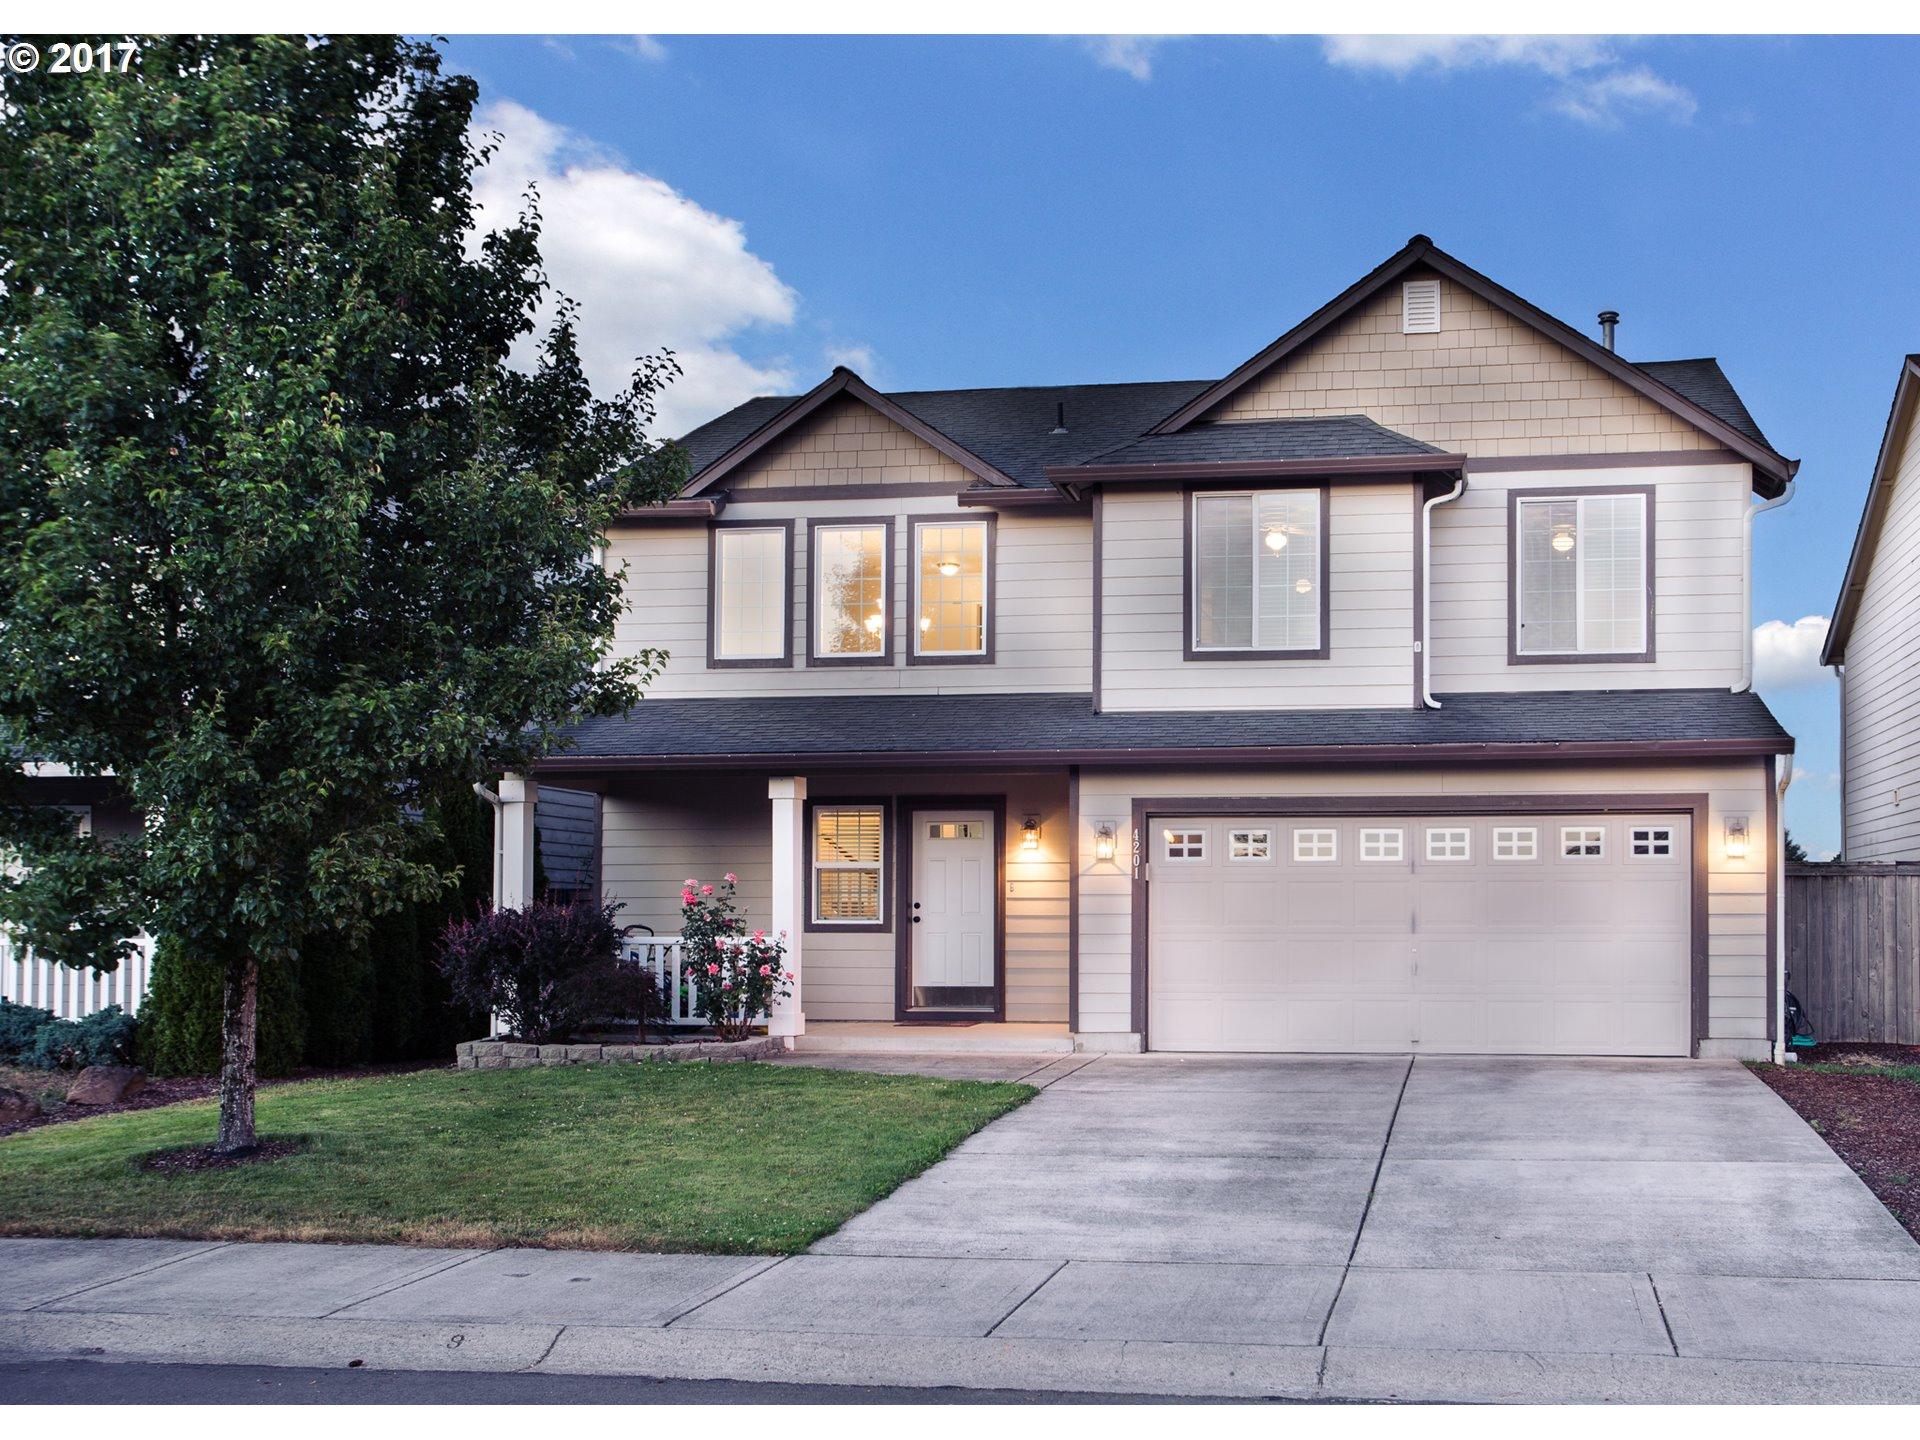 4201 NE 166TH AVE, Vancouver, WA 98682